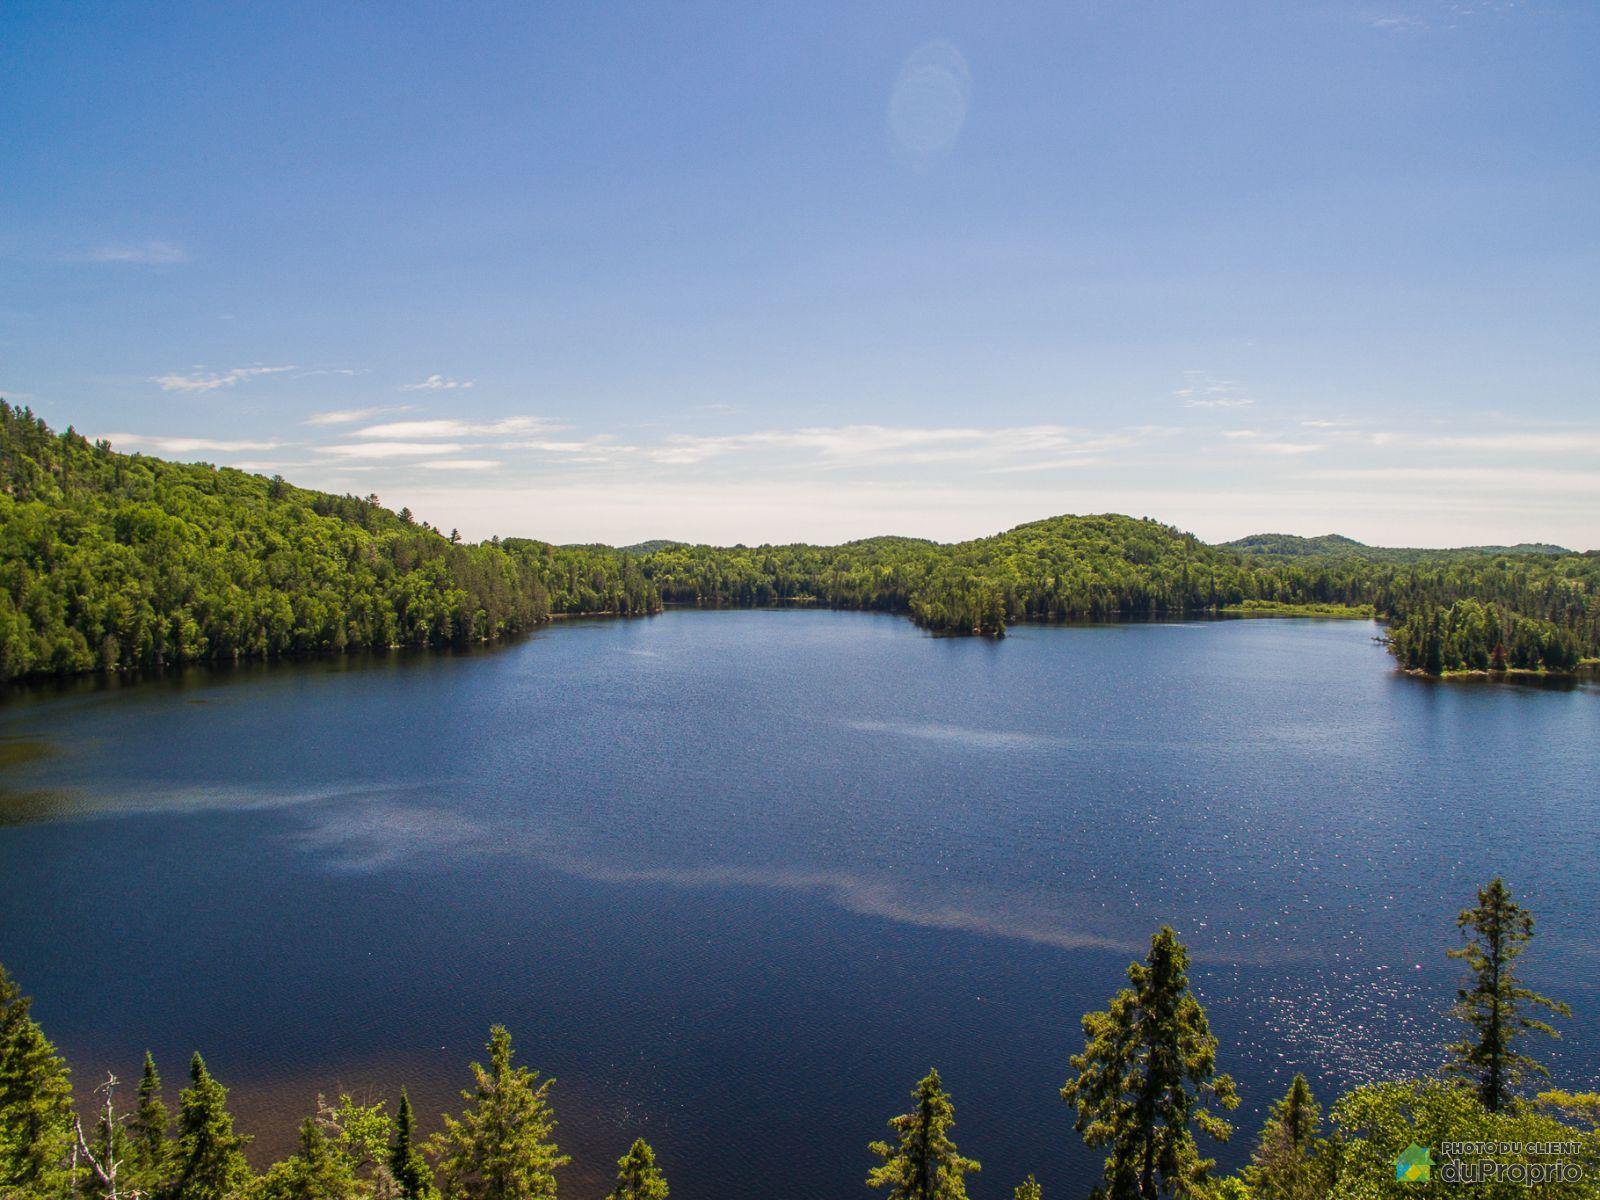 Vue sur le lac - Développement Borgo-Livinal, Alleyn-Et-Cawood à vendre